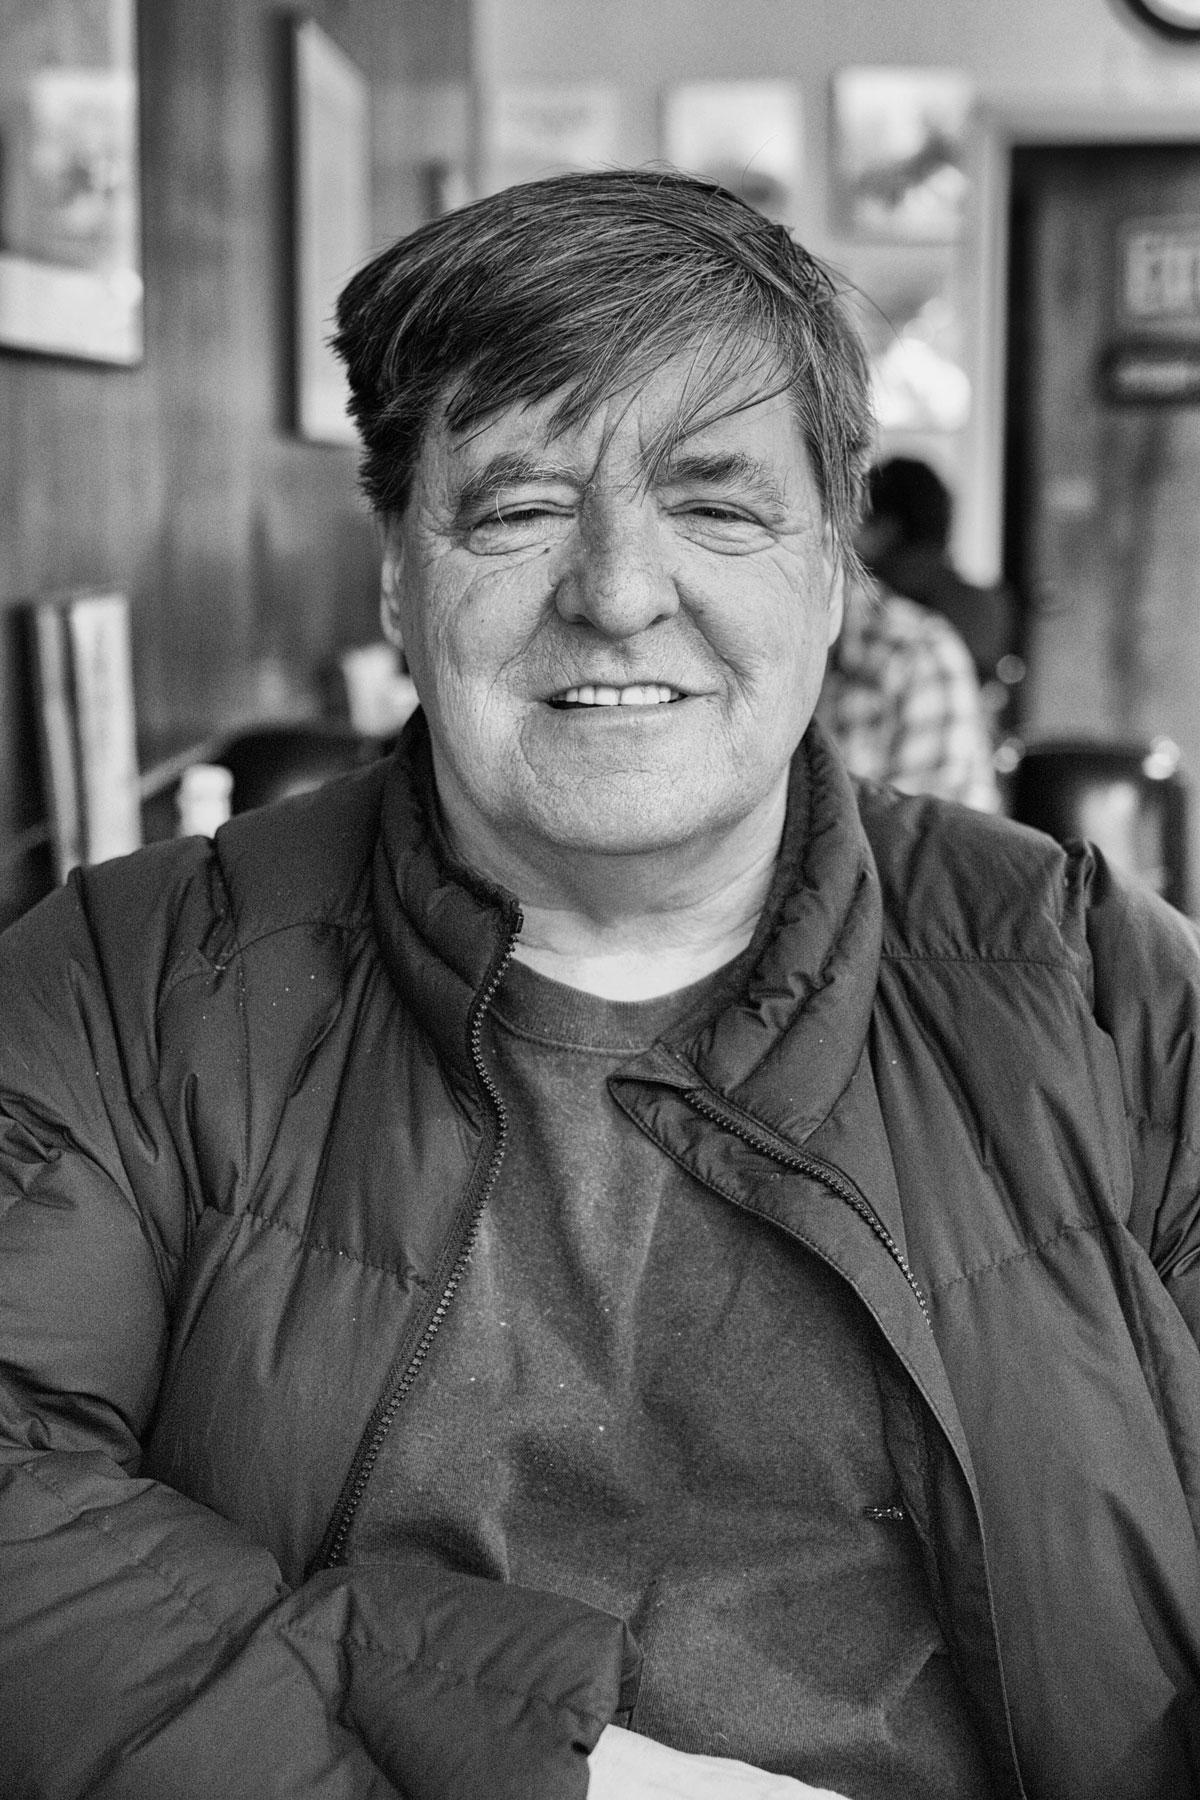 Kevin Killian at Jim's on Mission Street, 2012.